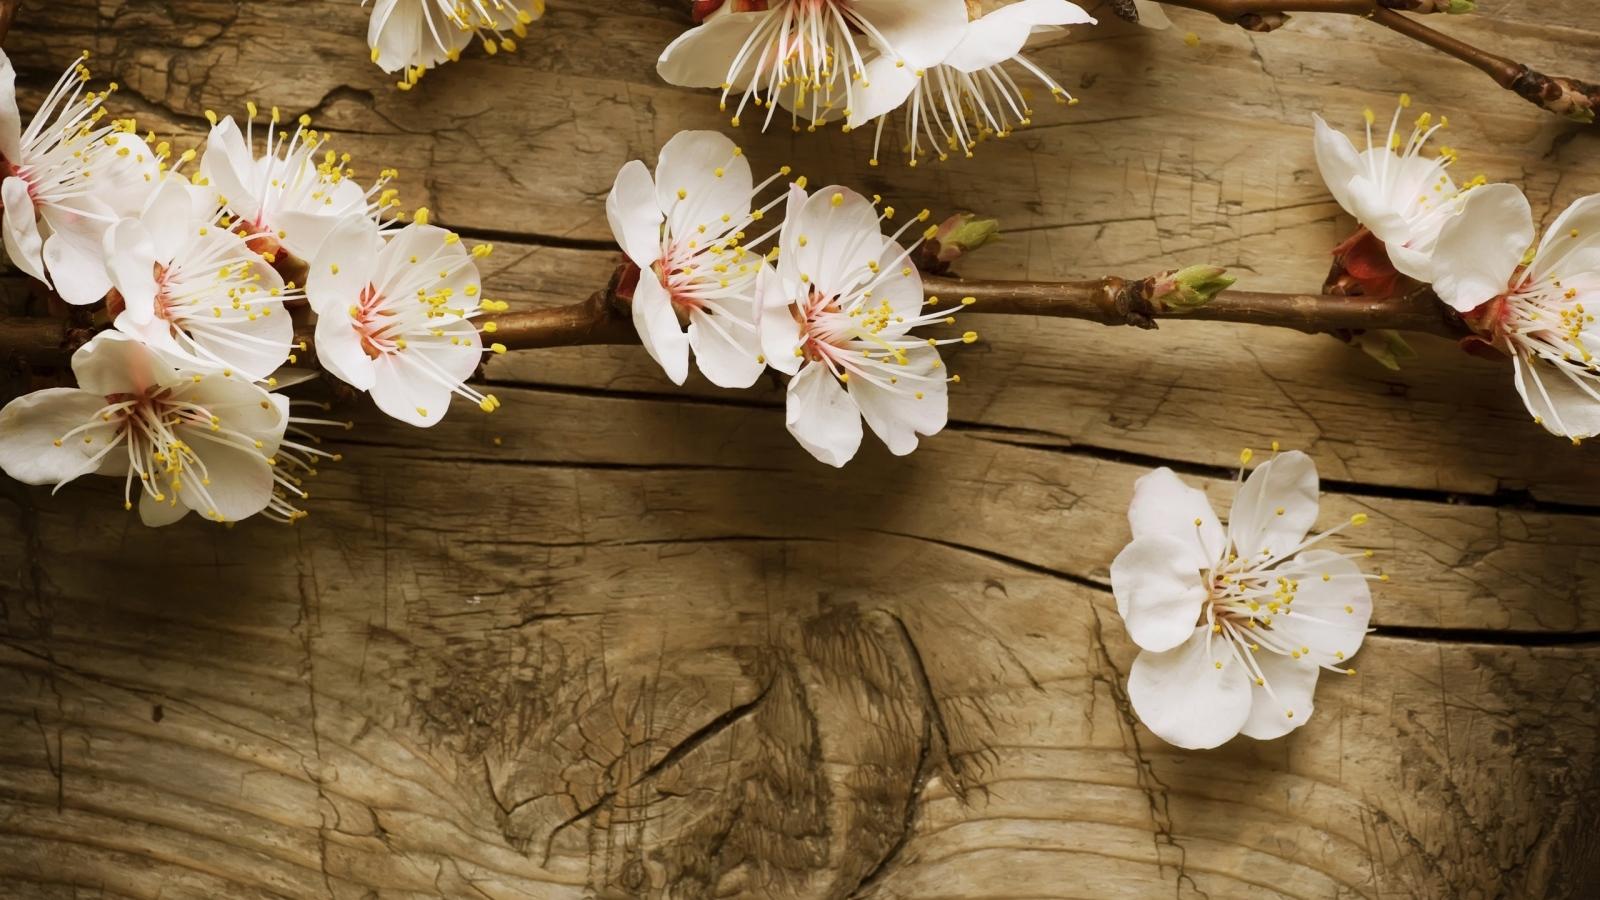 18321 скачать обои Растения, Цветы, Фон, Вишня - заставки и картинки бесплатно